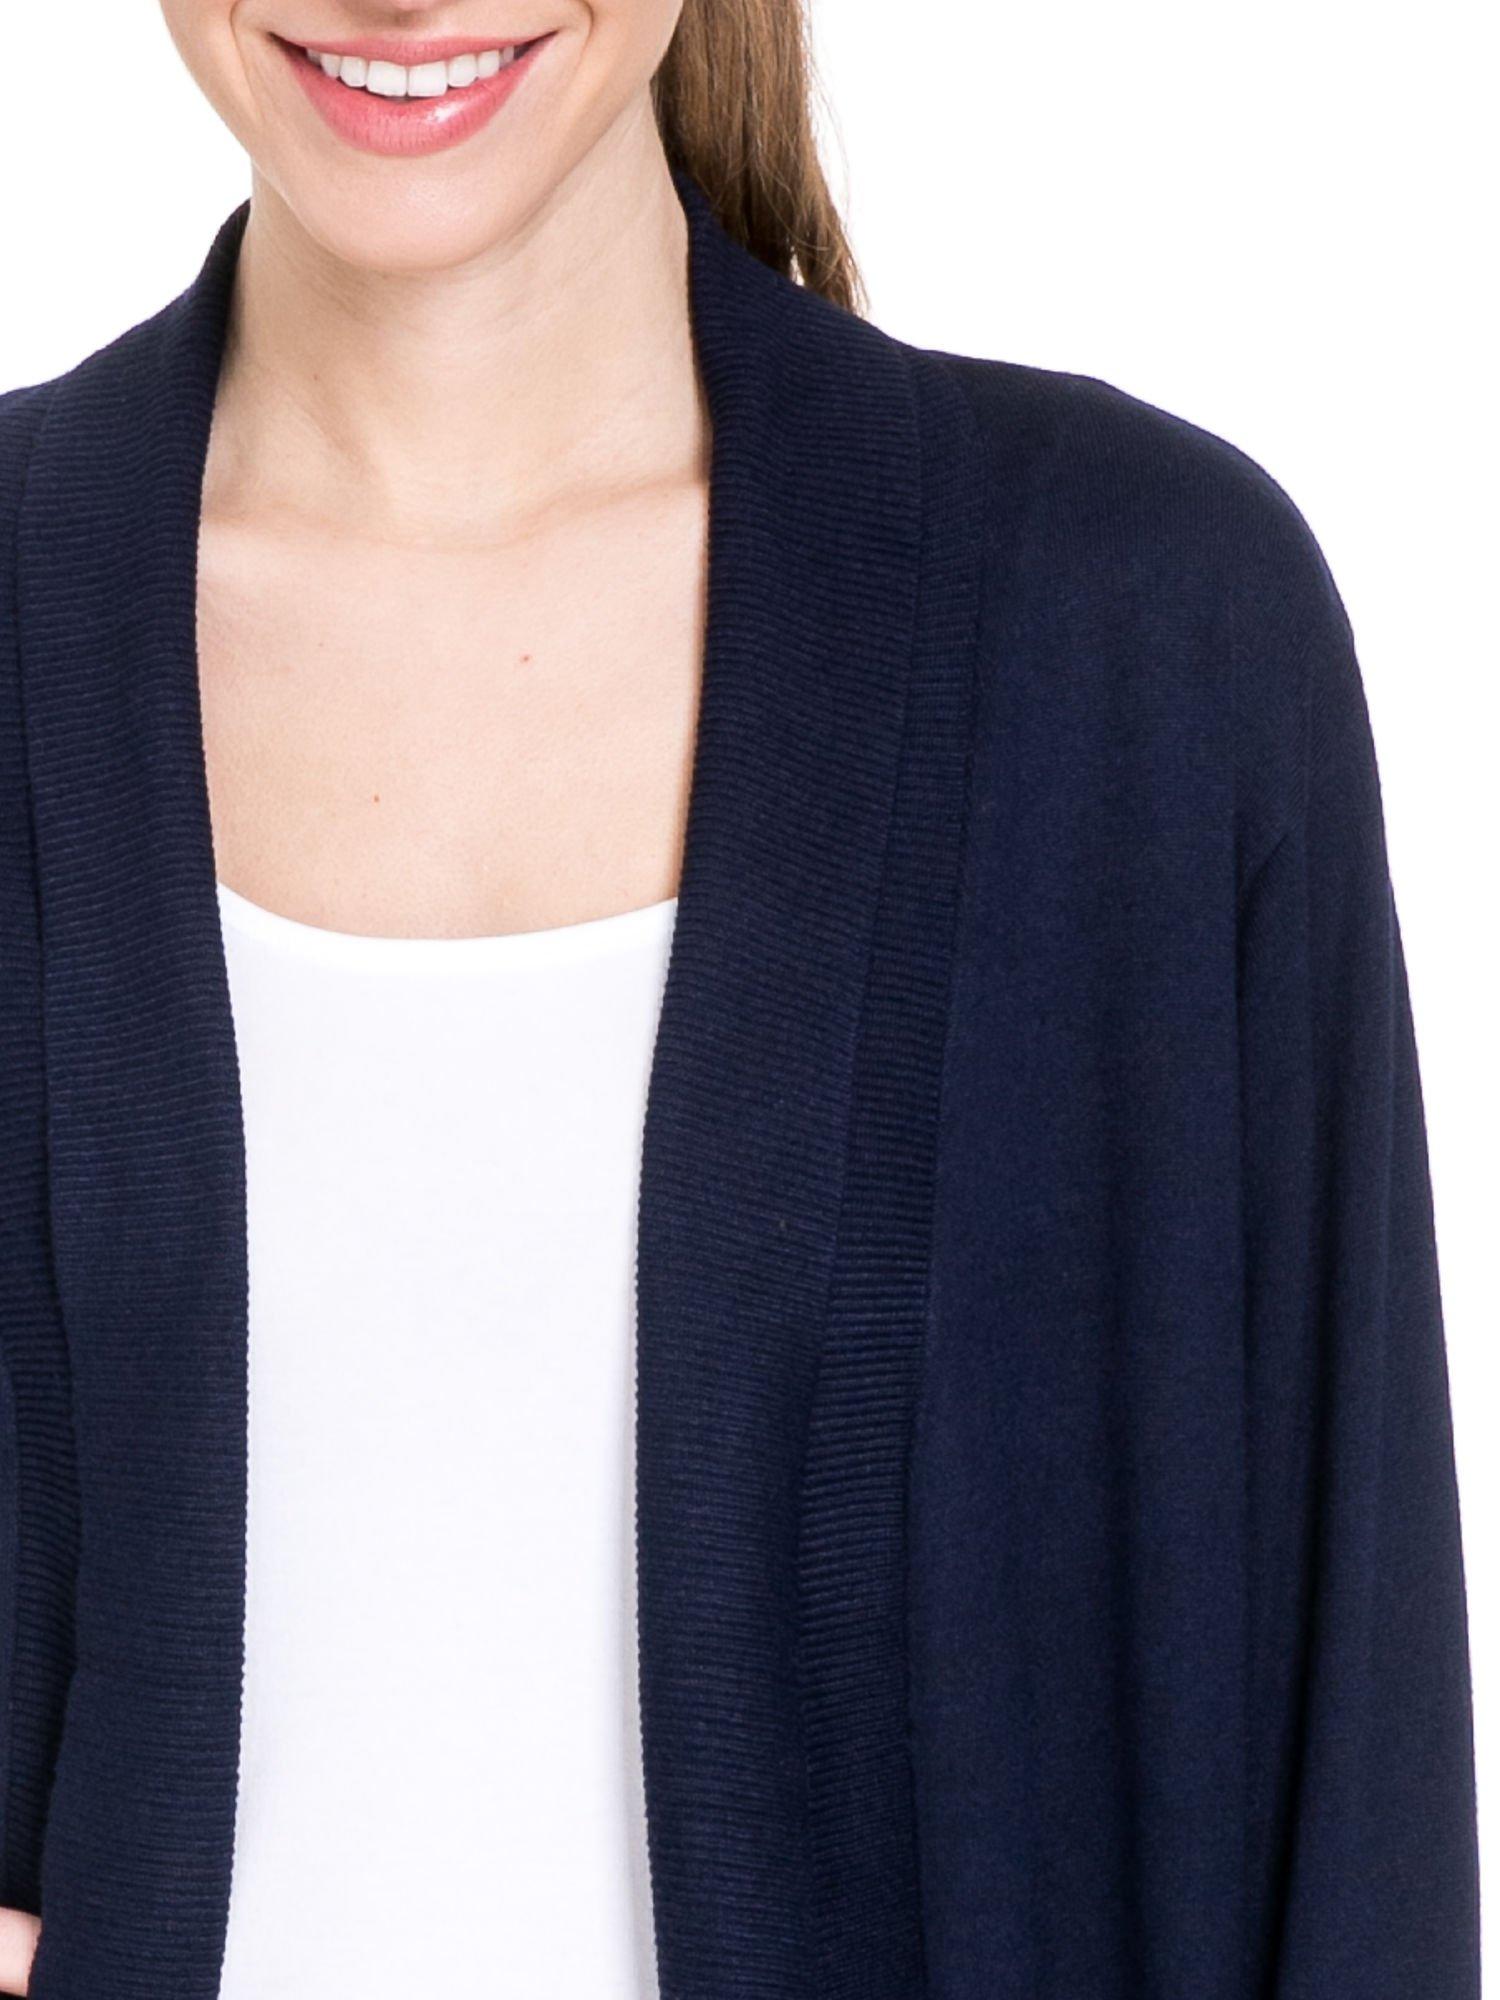 Granatowy sweter narzutka z wywijanymi rękawami                                  zdj.                                  5